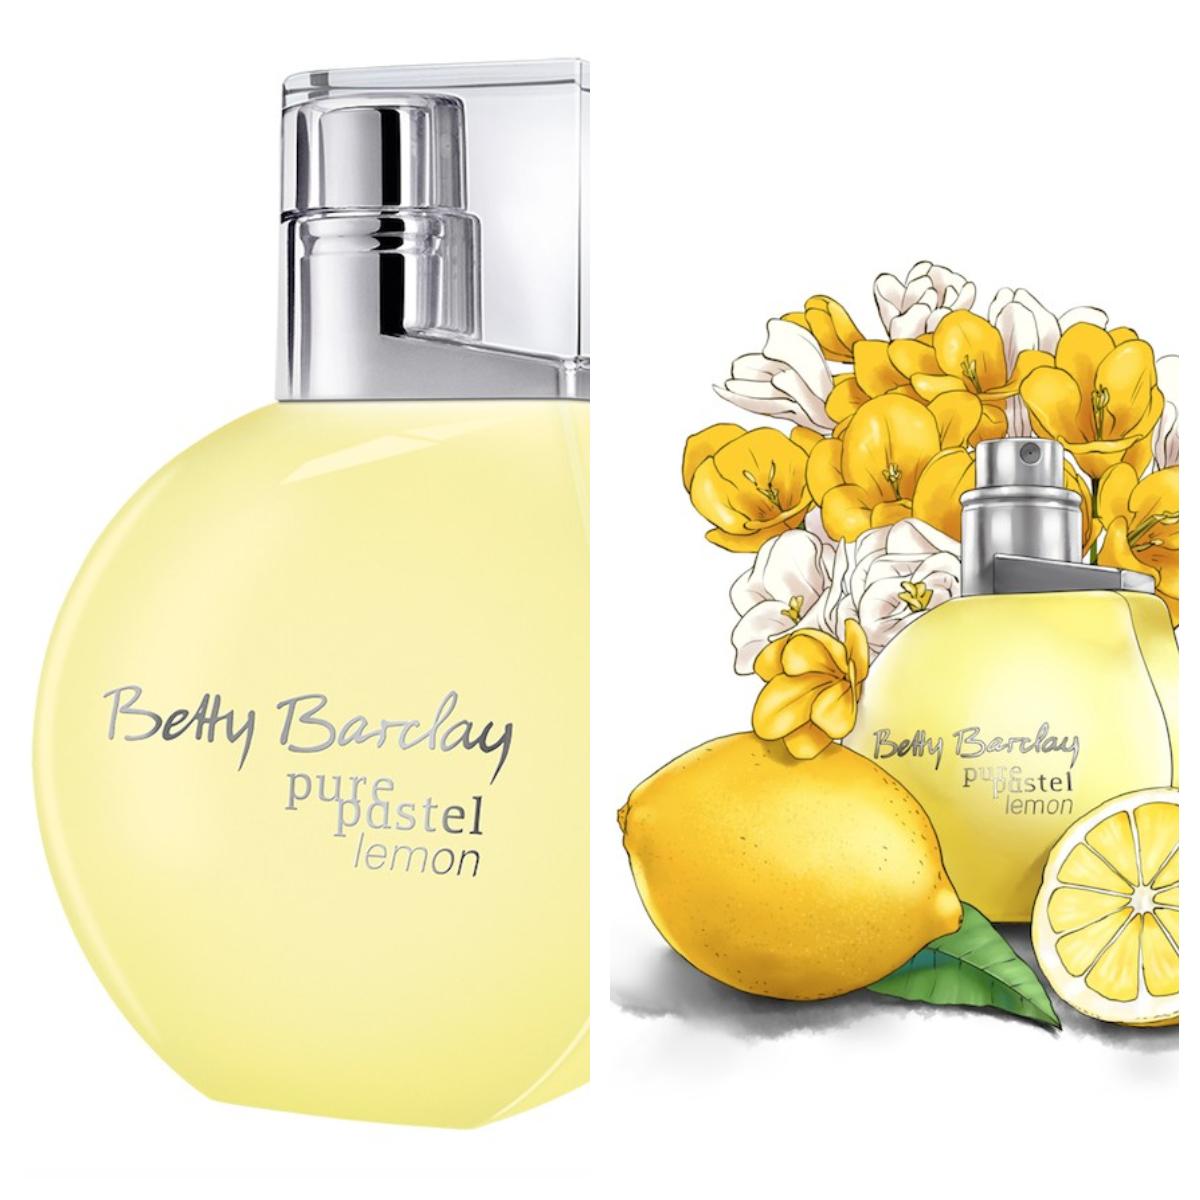 Betty Barclay pure pastel lemon<br />stílus: magabiztos, lezser<br />illatvilág: friss, sportos, citrusos<br />szín: frissítő pasztell sárga - felébreszti az életkedvet!<br />